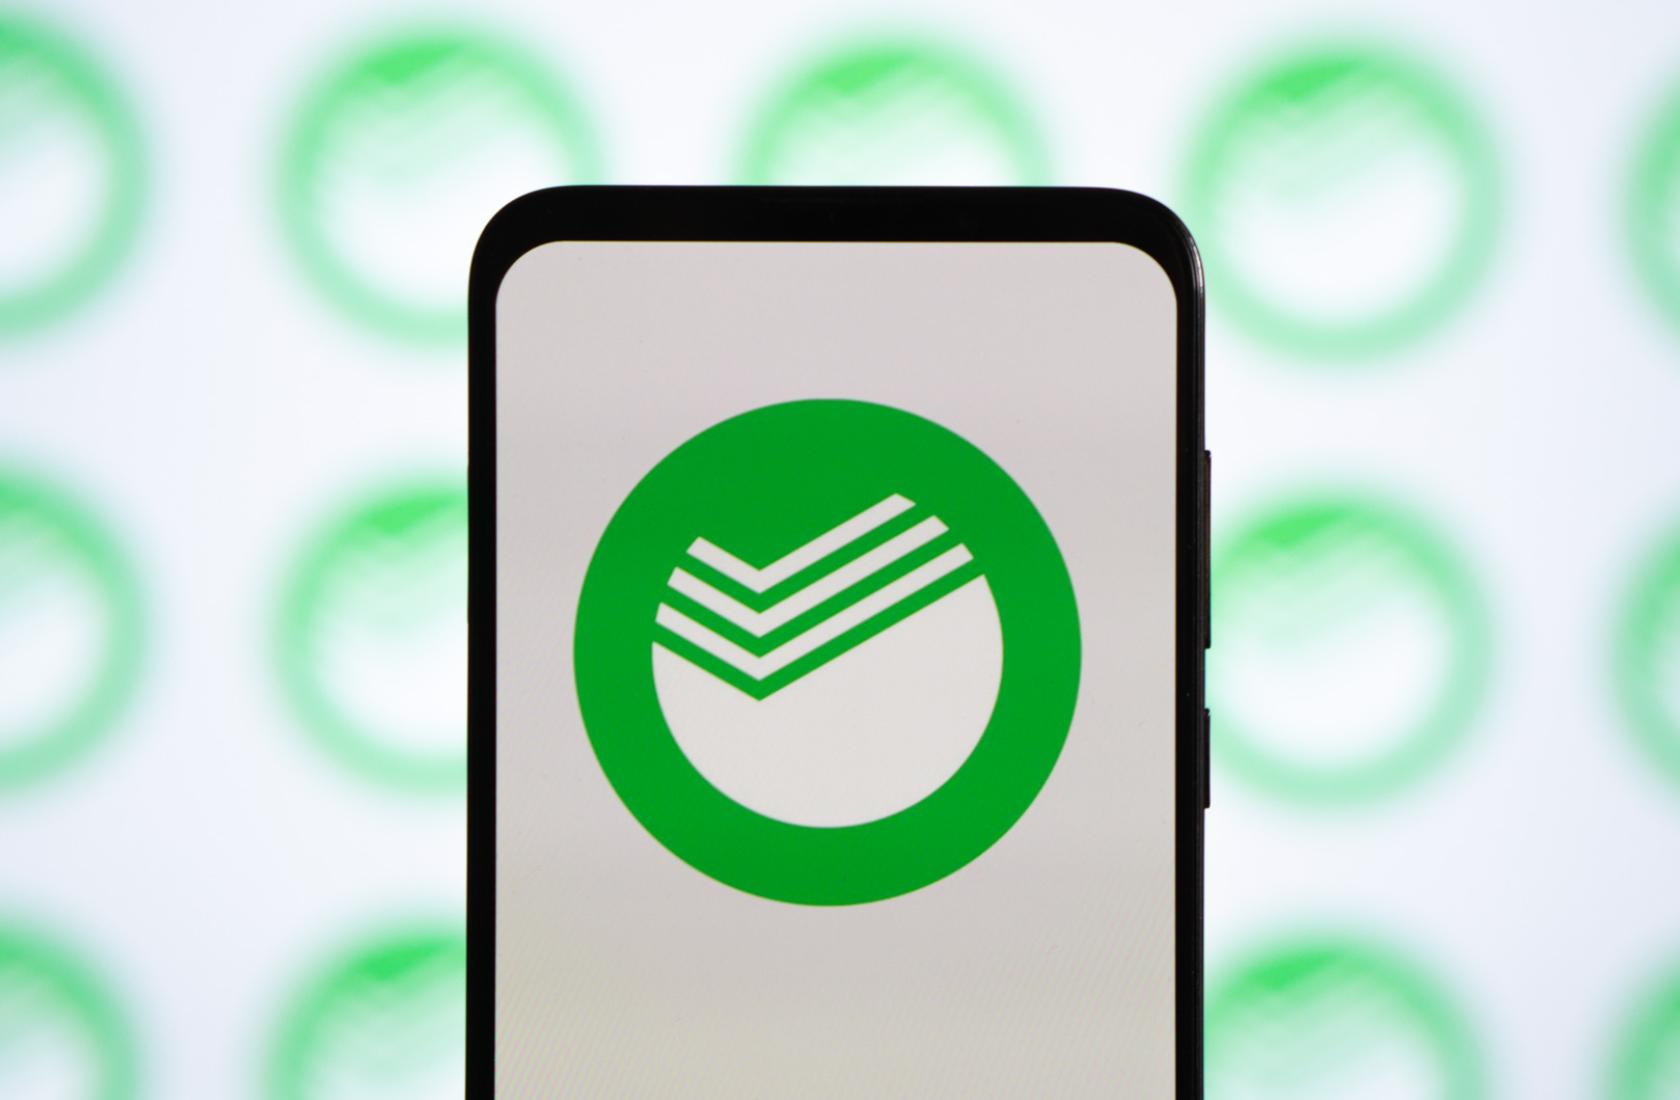 Сбербанк и Тинькофф мобайл запустили сервис «Рекомендованный платеж»